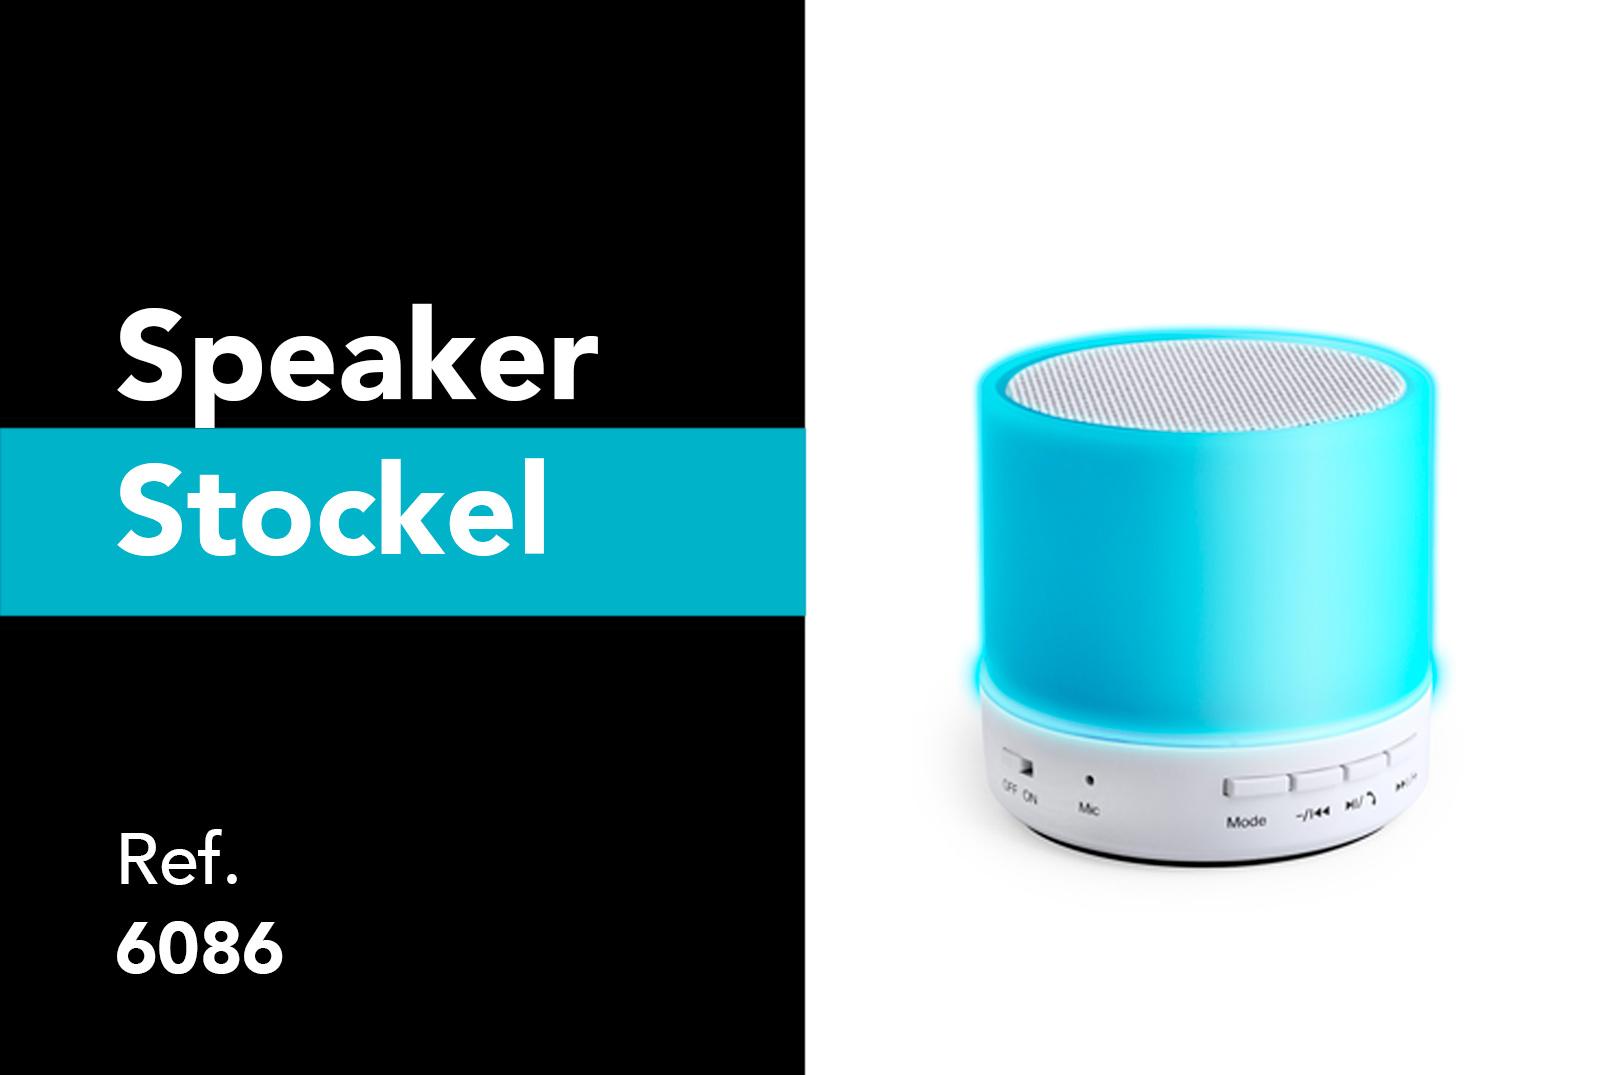 6086-speaker-Stockel-1613x1075